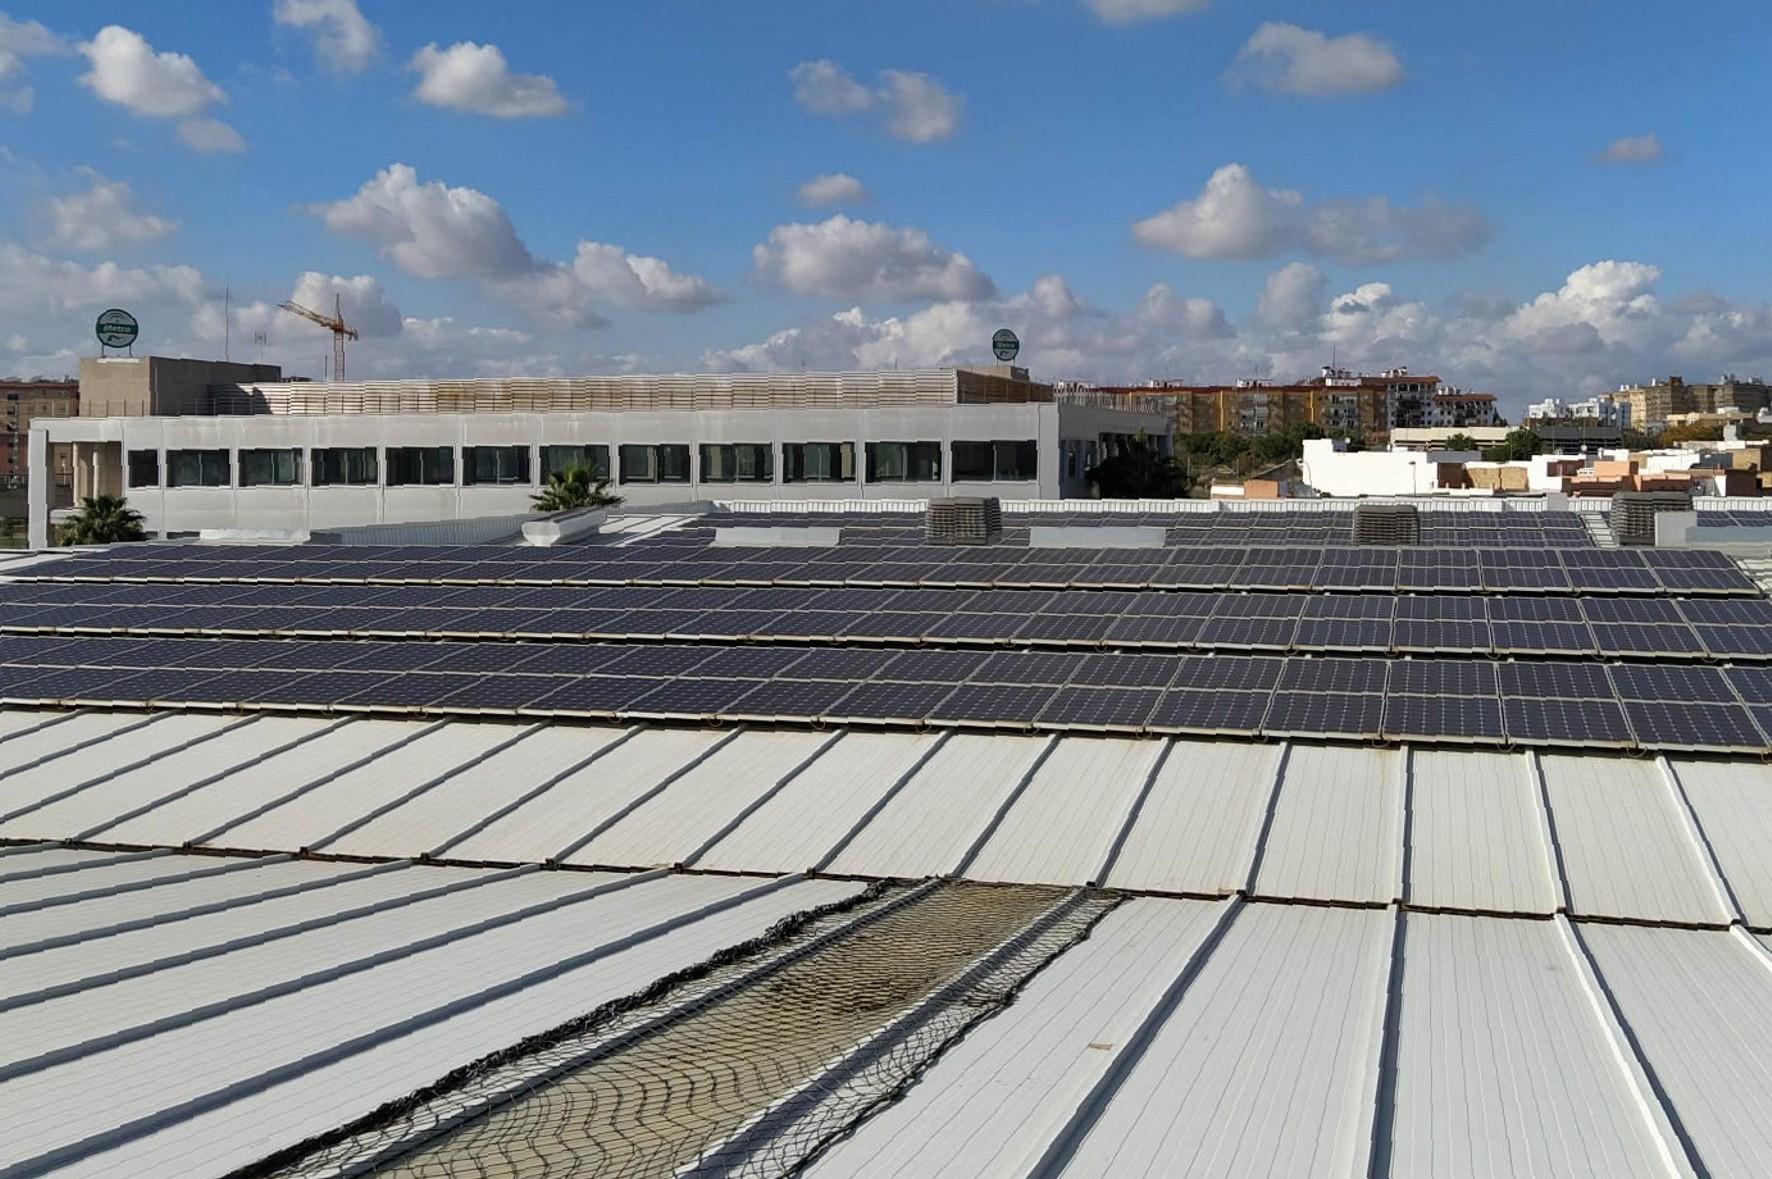 Metro de Sevilla ha colocado placas solares en la cubierta del edificio de cocheras.